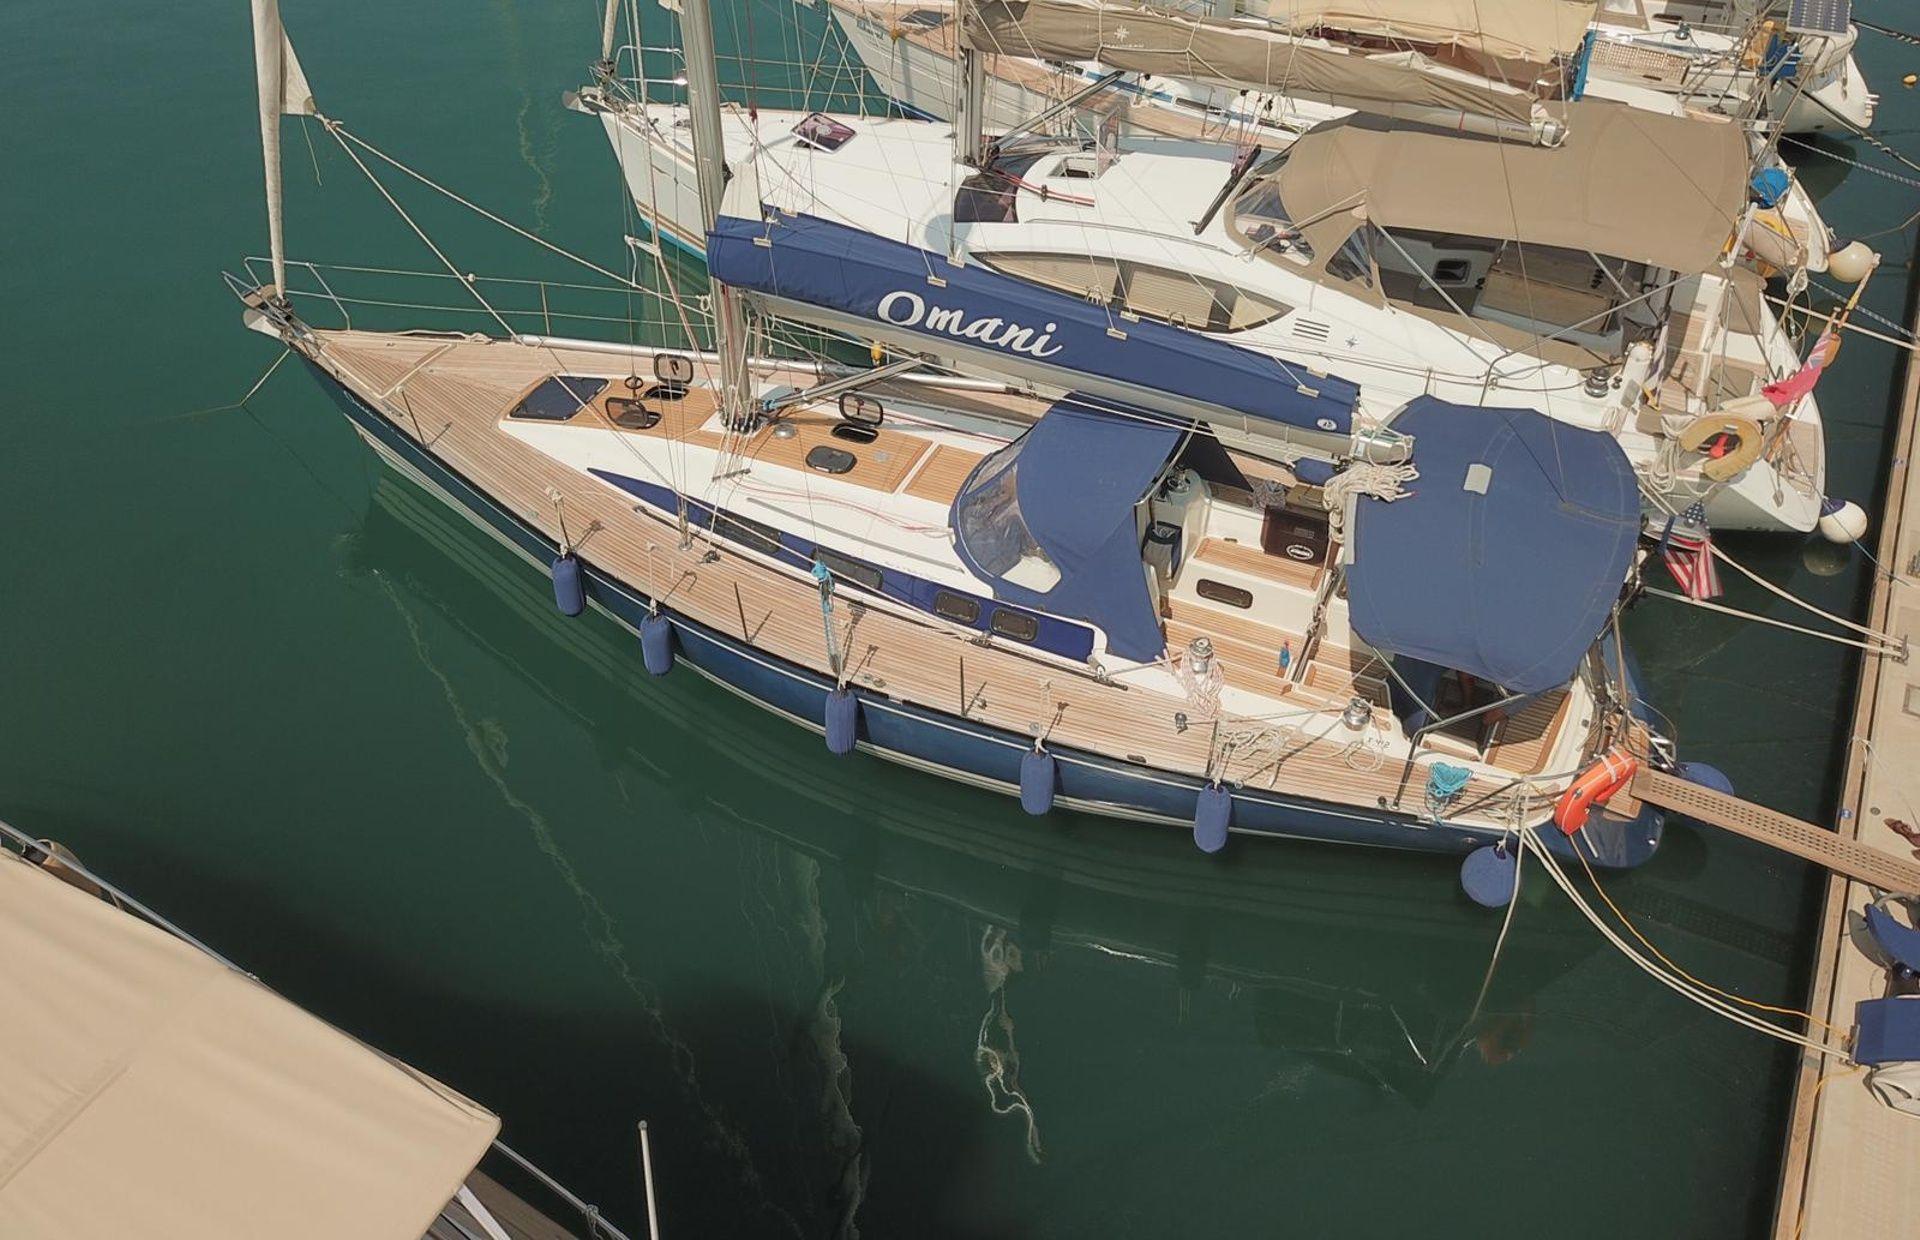 https://media.insailing.com/boat/omani/image_1581533173382.jpg